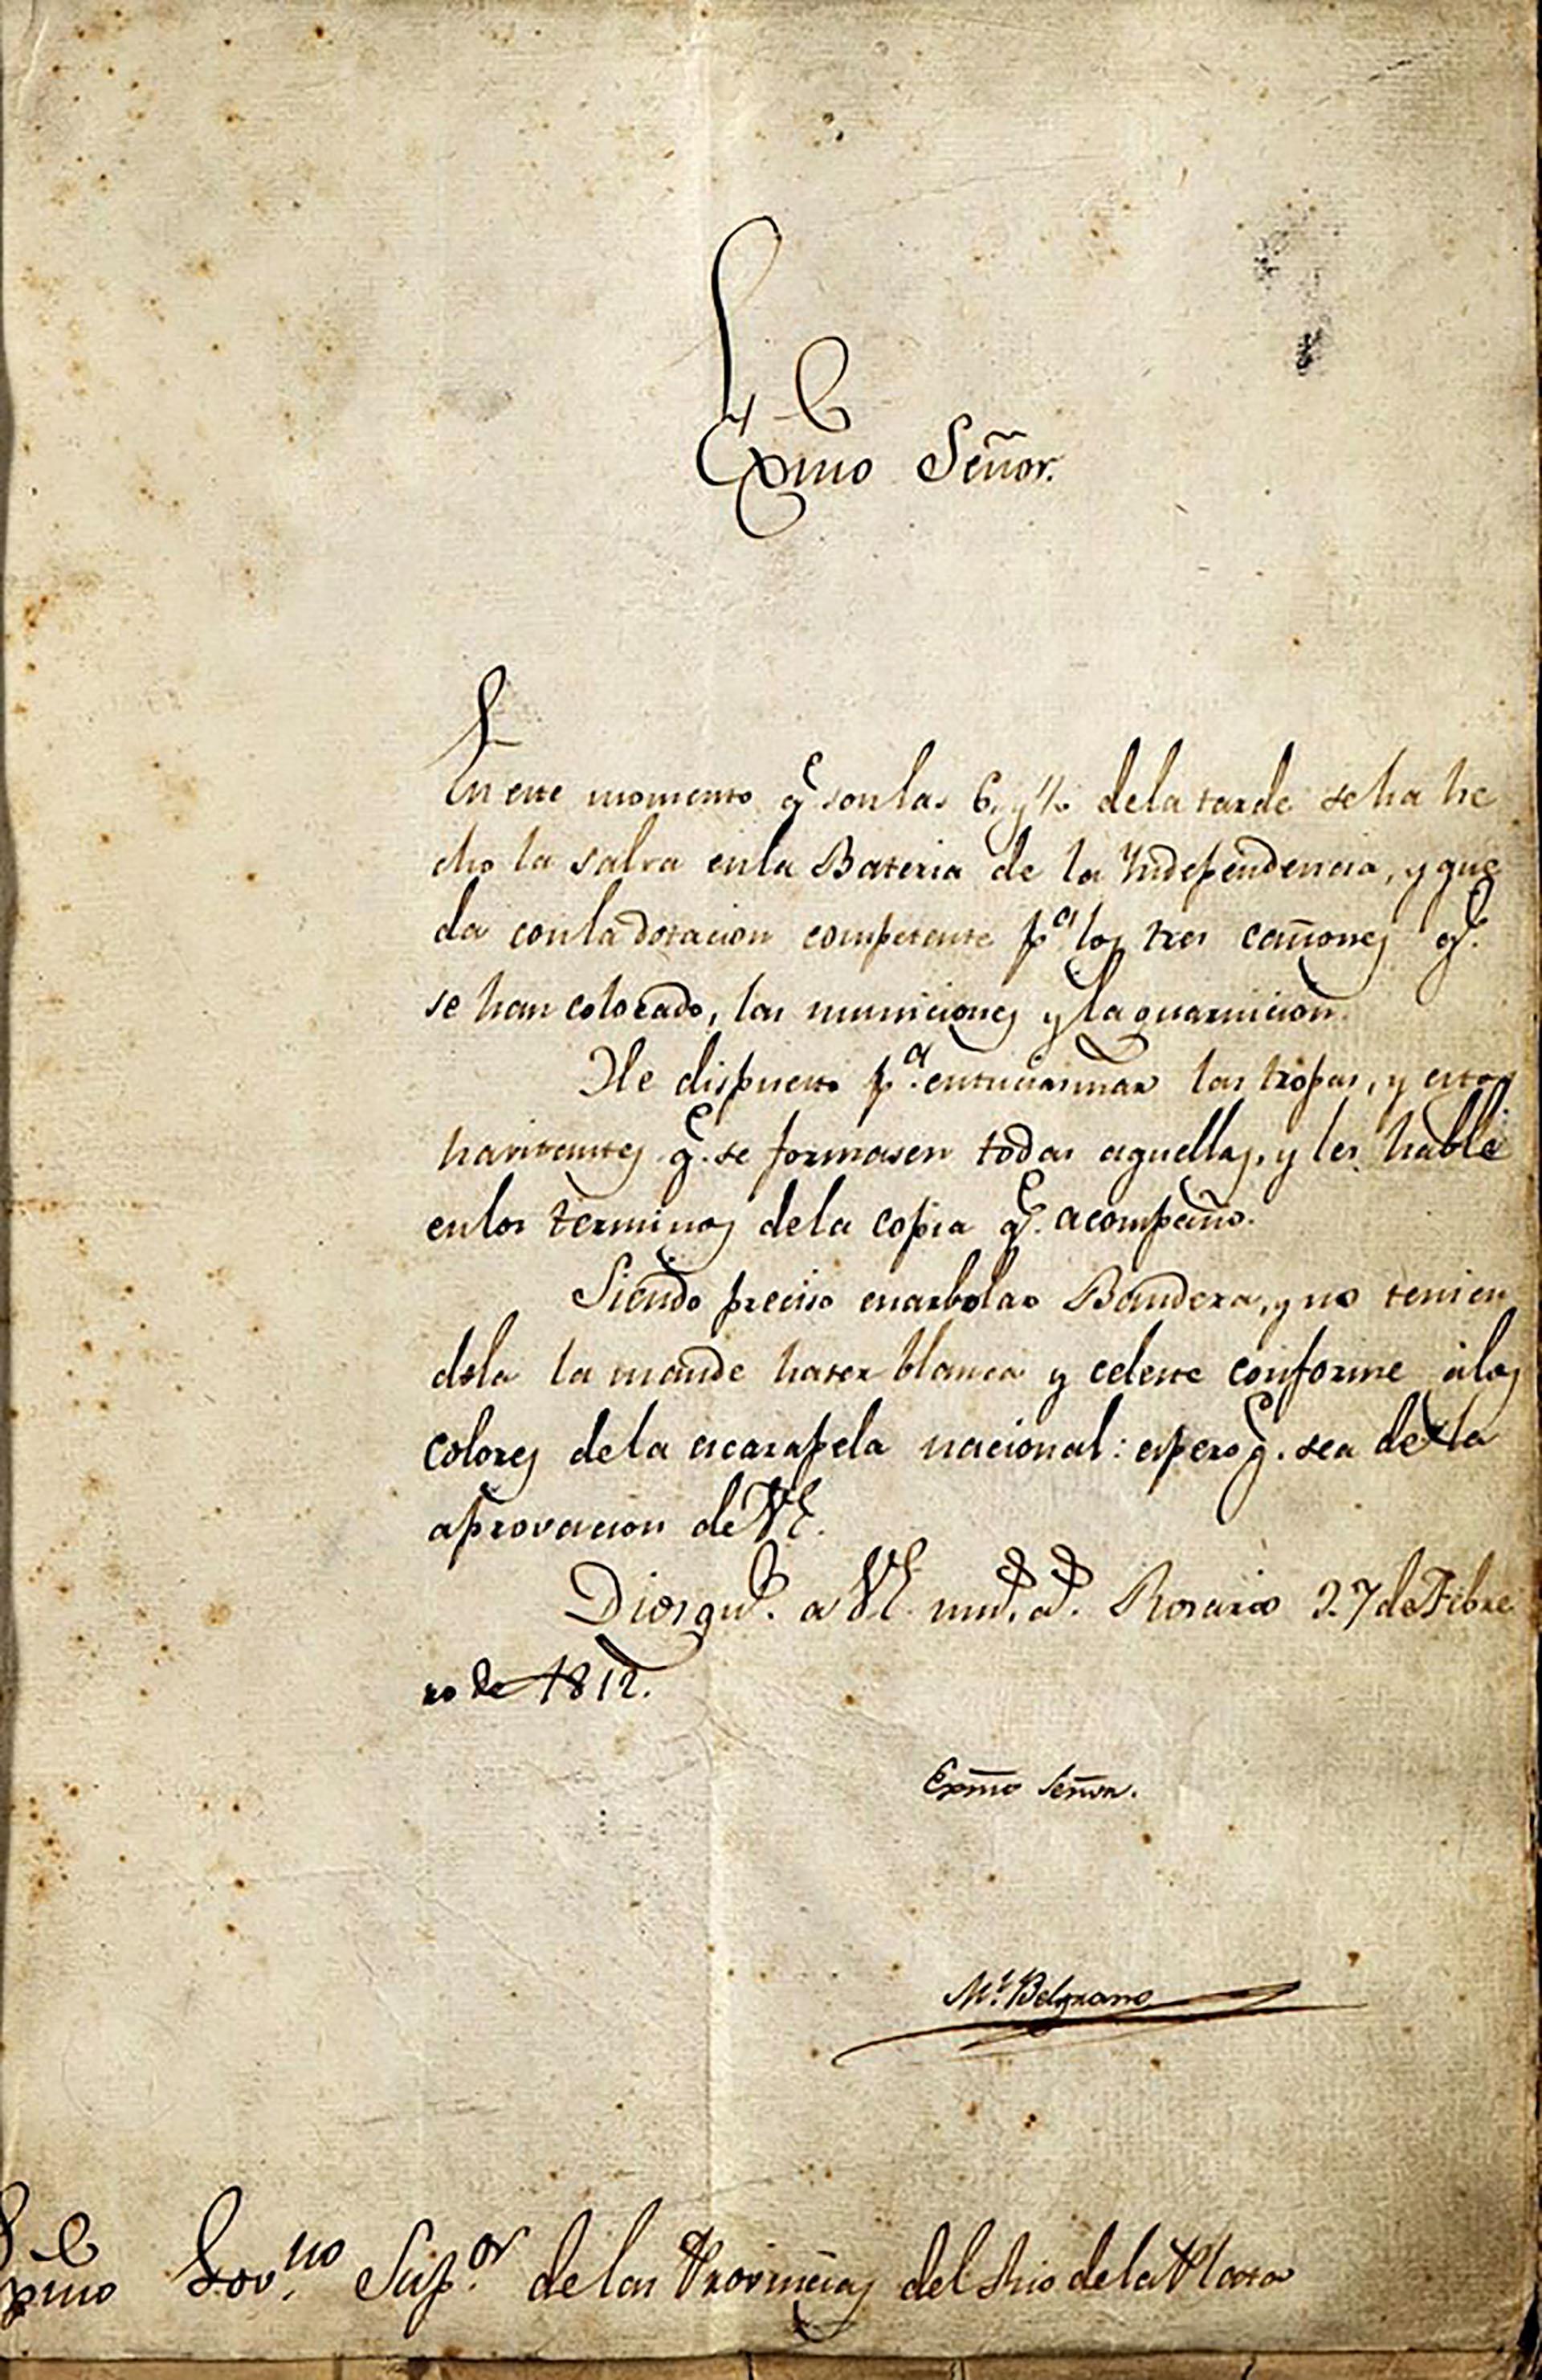 El Acta de creación de la Bandera, con la firma de Belgrano al pie, en Rosario, el 27 de febrero de 1812 (Archivo General de la Nación)